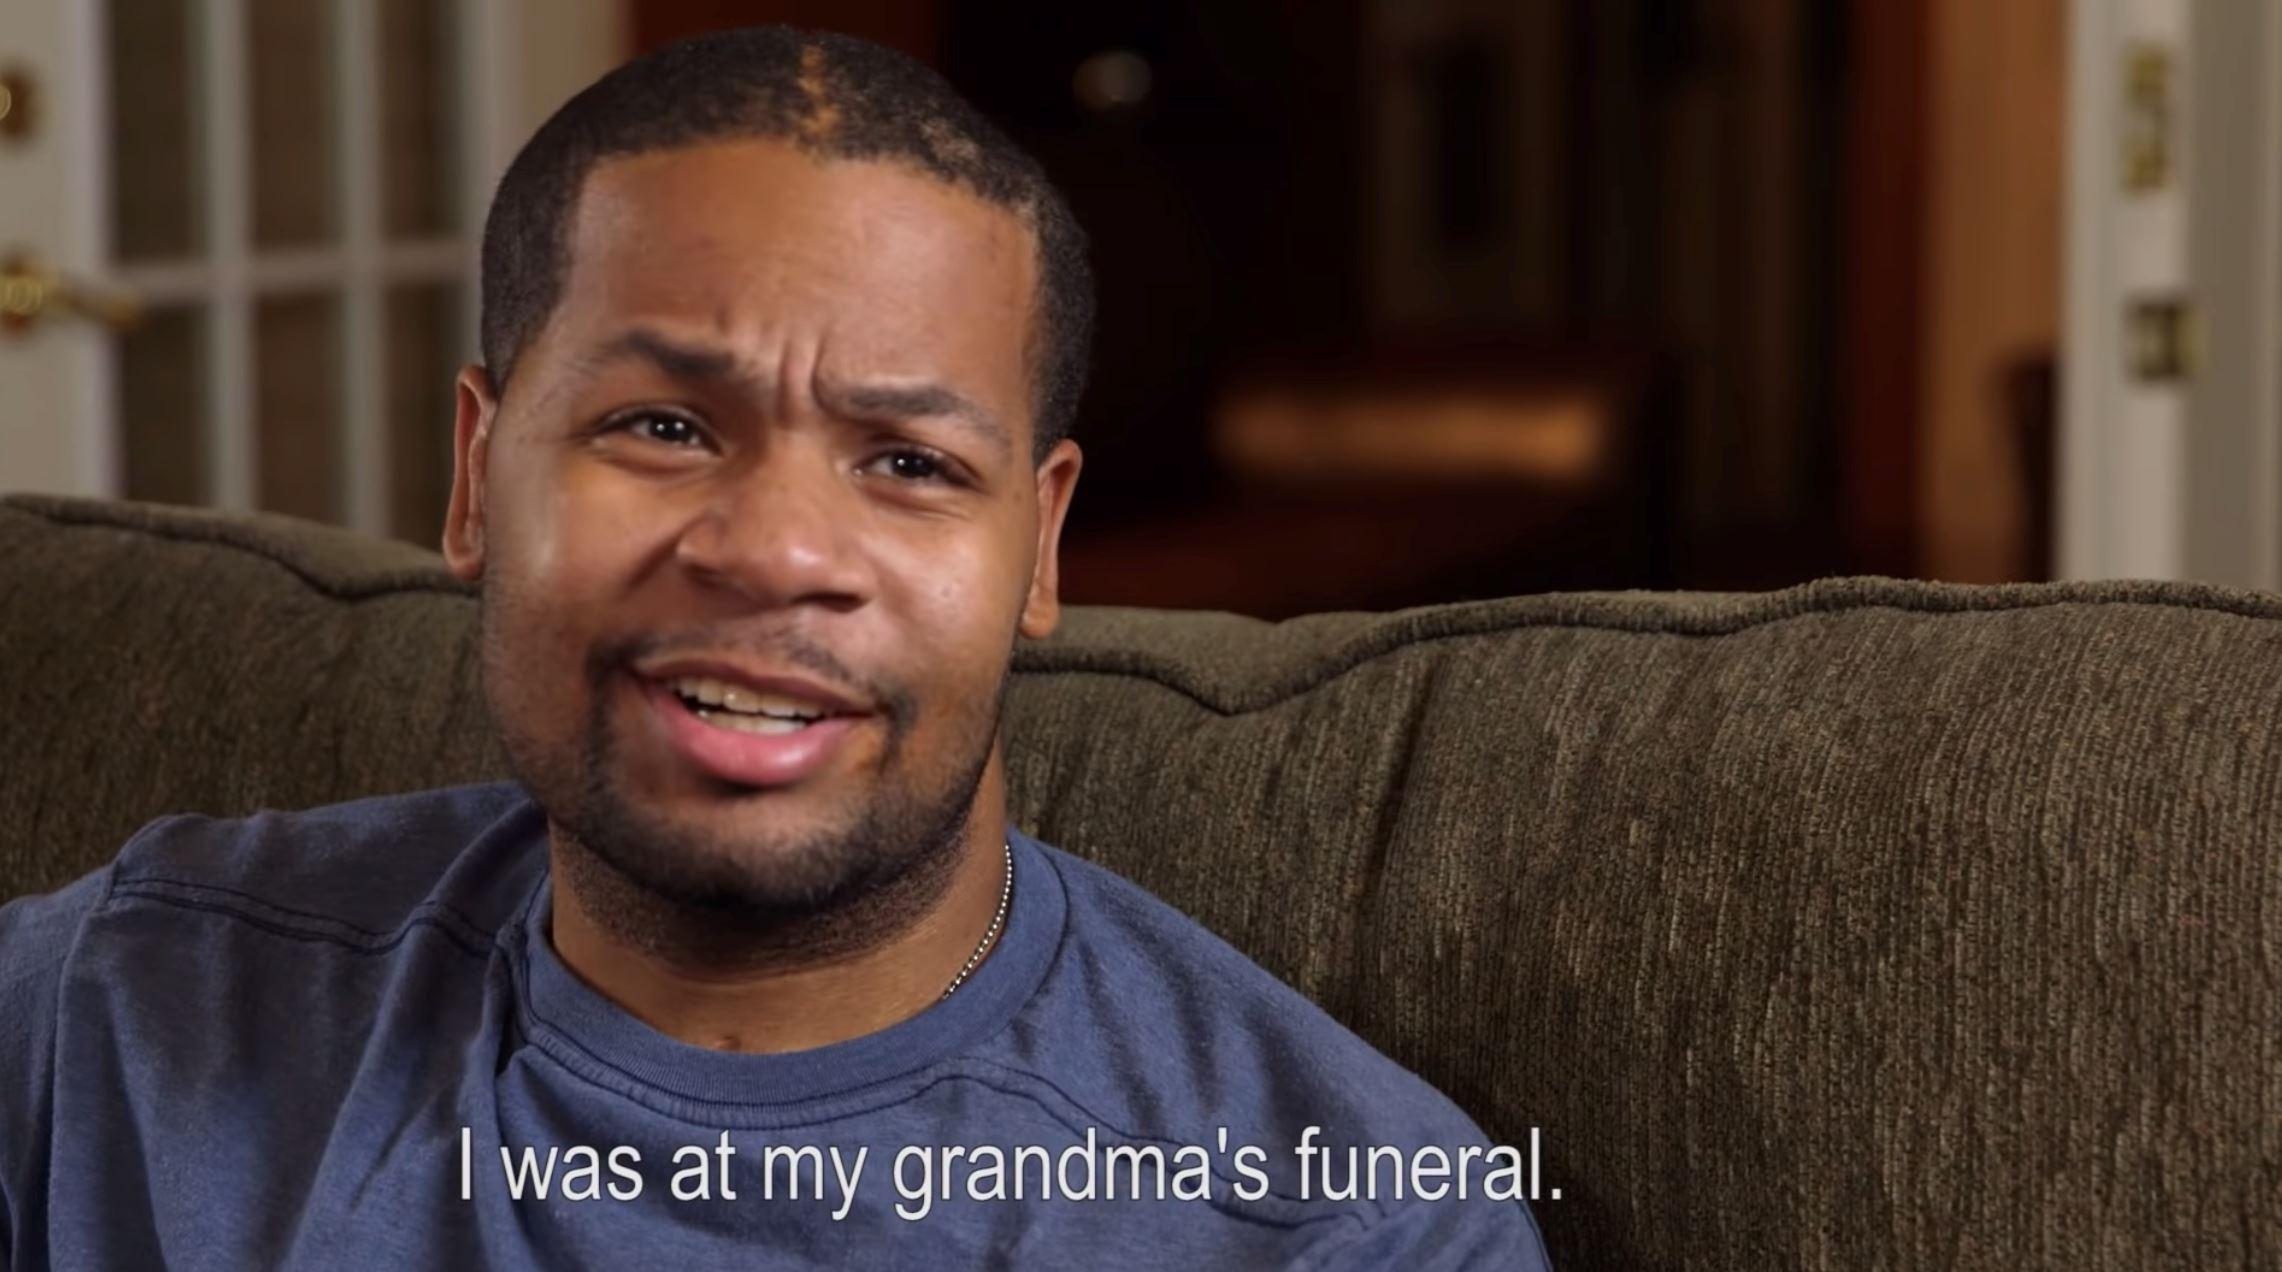 penyakit 'joker' buat lelaki ini gelak tanpa henti semasa kematian nenek